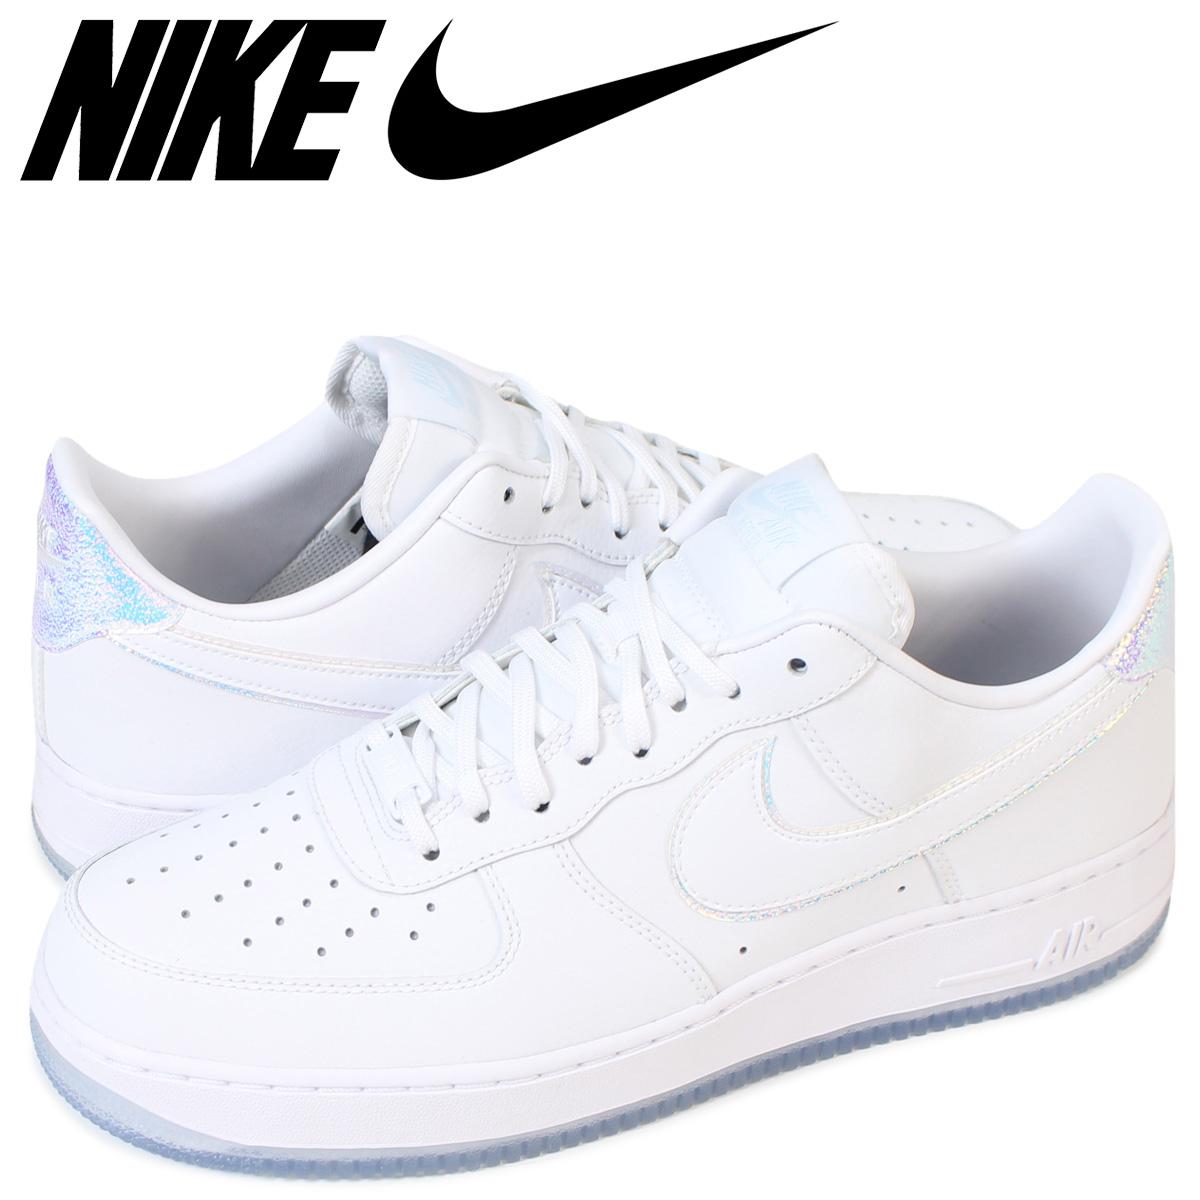 online store d4117 109ed NIKE Nike air force 1 sneakers AIR FORCE 1 07 PREMIUM 616,725-105 low men  ...